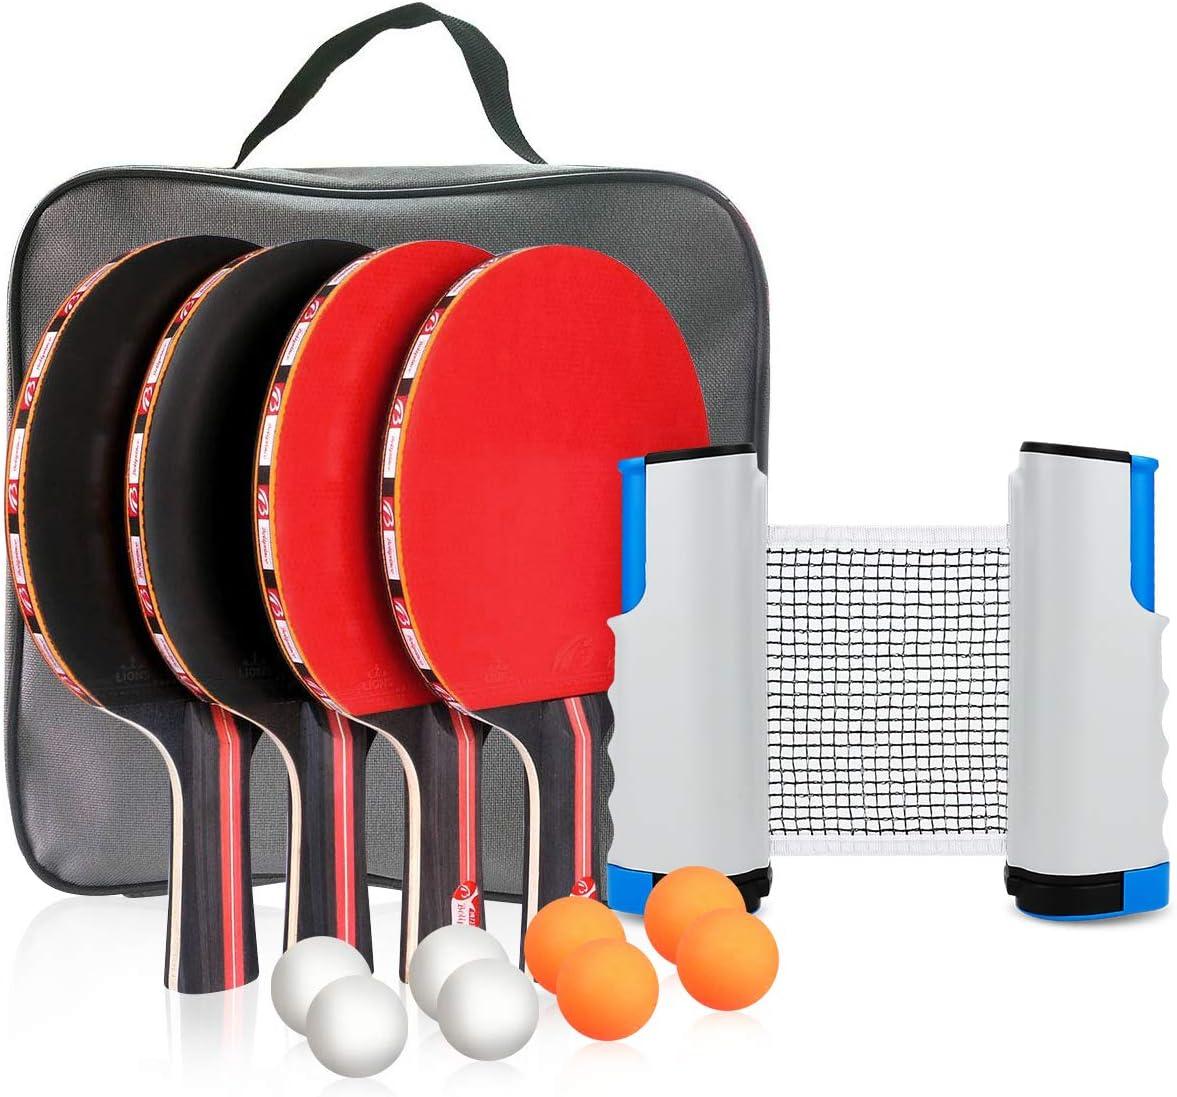 Powcan Conjunto de Tenis de Mesa con Red, 4 Raquetas + 8 Bolas/Pelotas de Tenis de Mesa + 1 Red Retráctil, Juego de Tenis de Mesa Portátil para Interior al Aire Libre